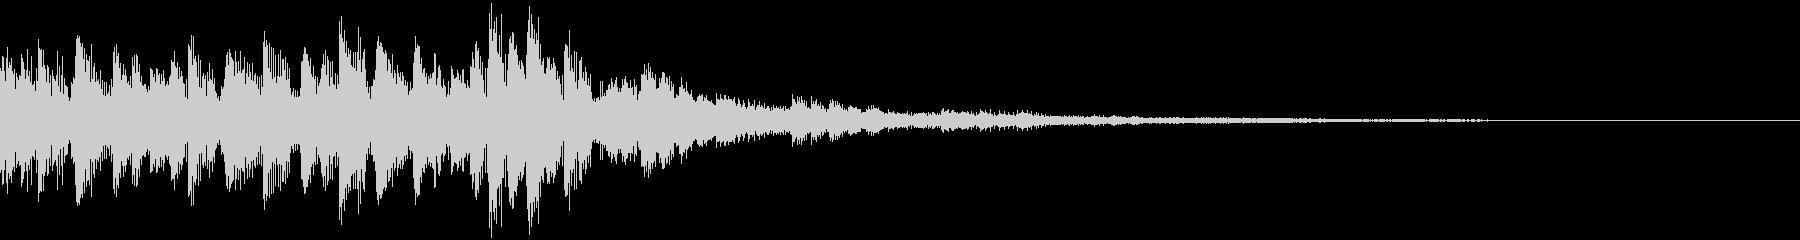 印象的余韻を味わうEDMジングル2の未再生の波形